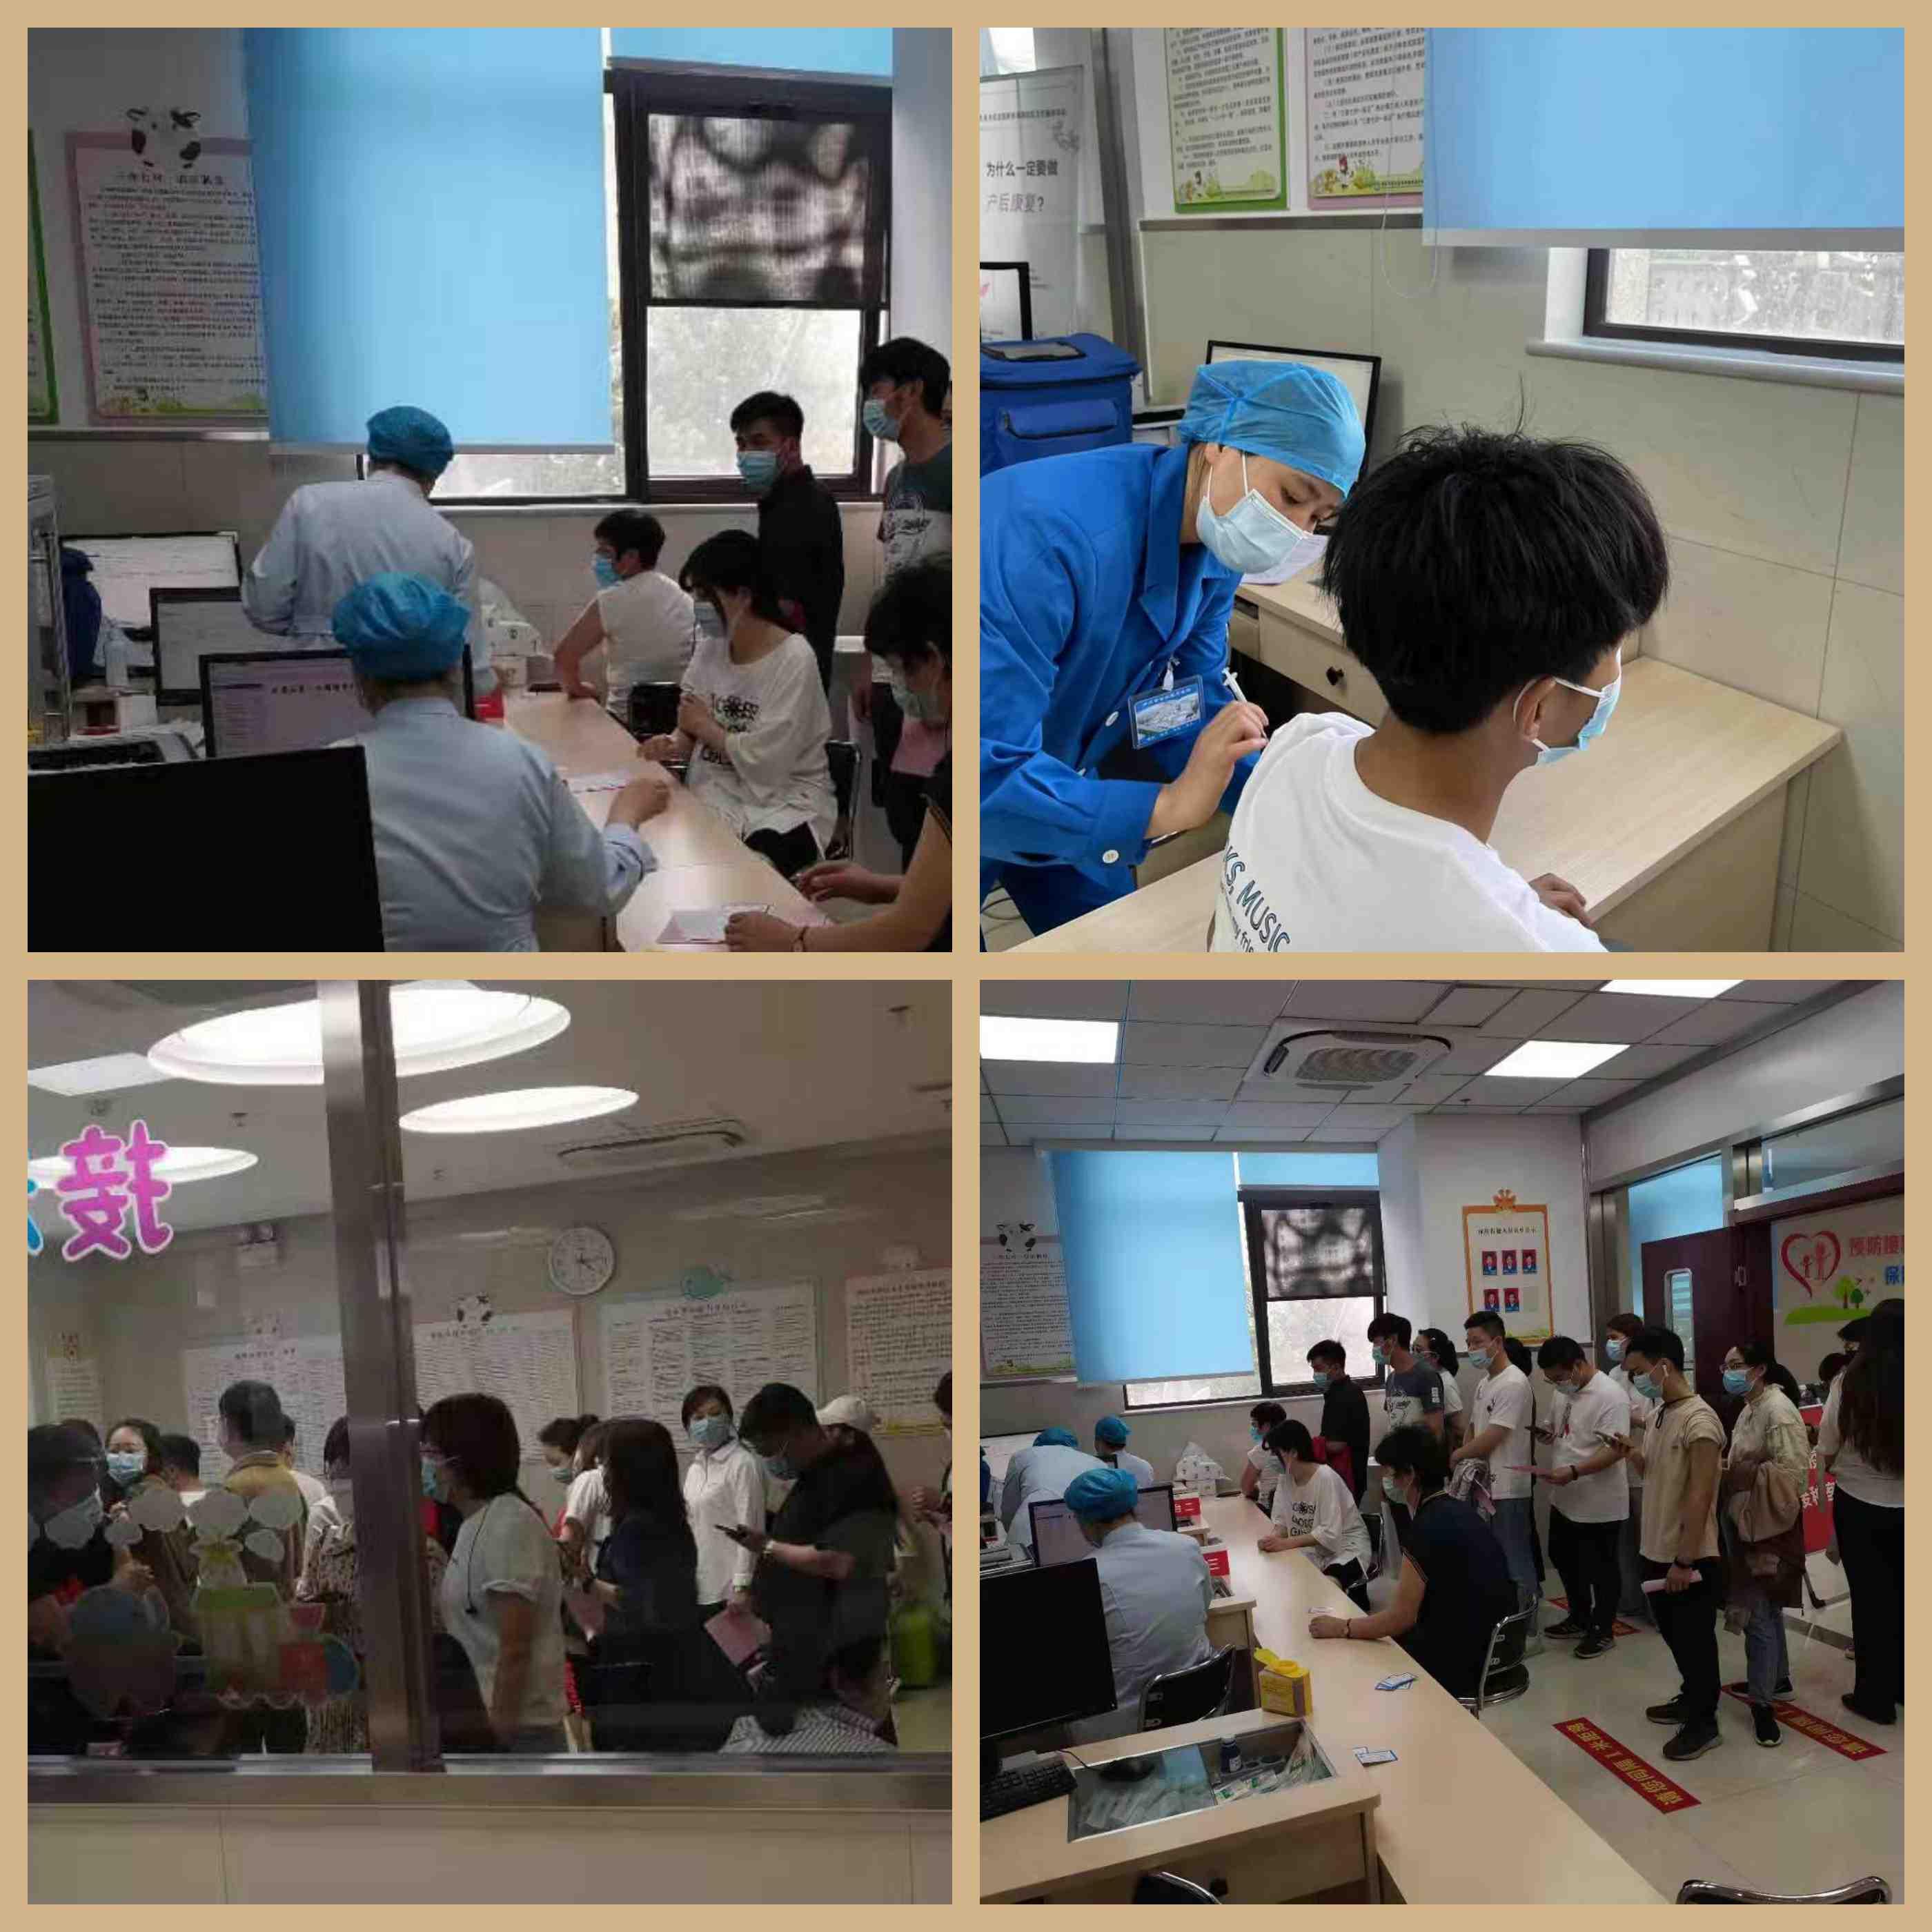 响应政府号召,为员工办实事——河南南浦集团组织员工接种新冠疫苗